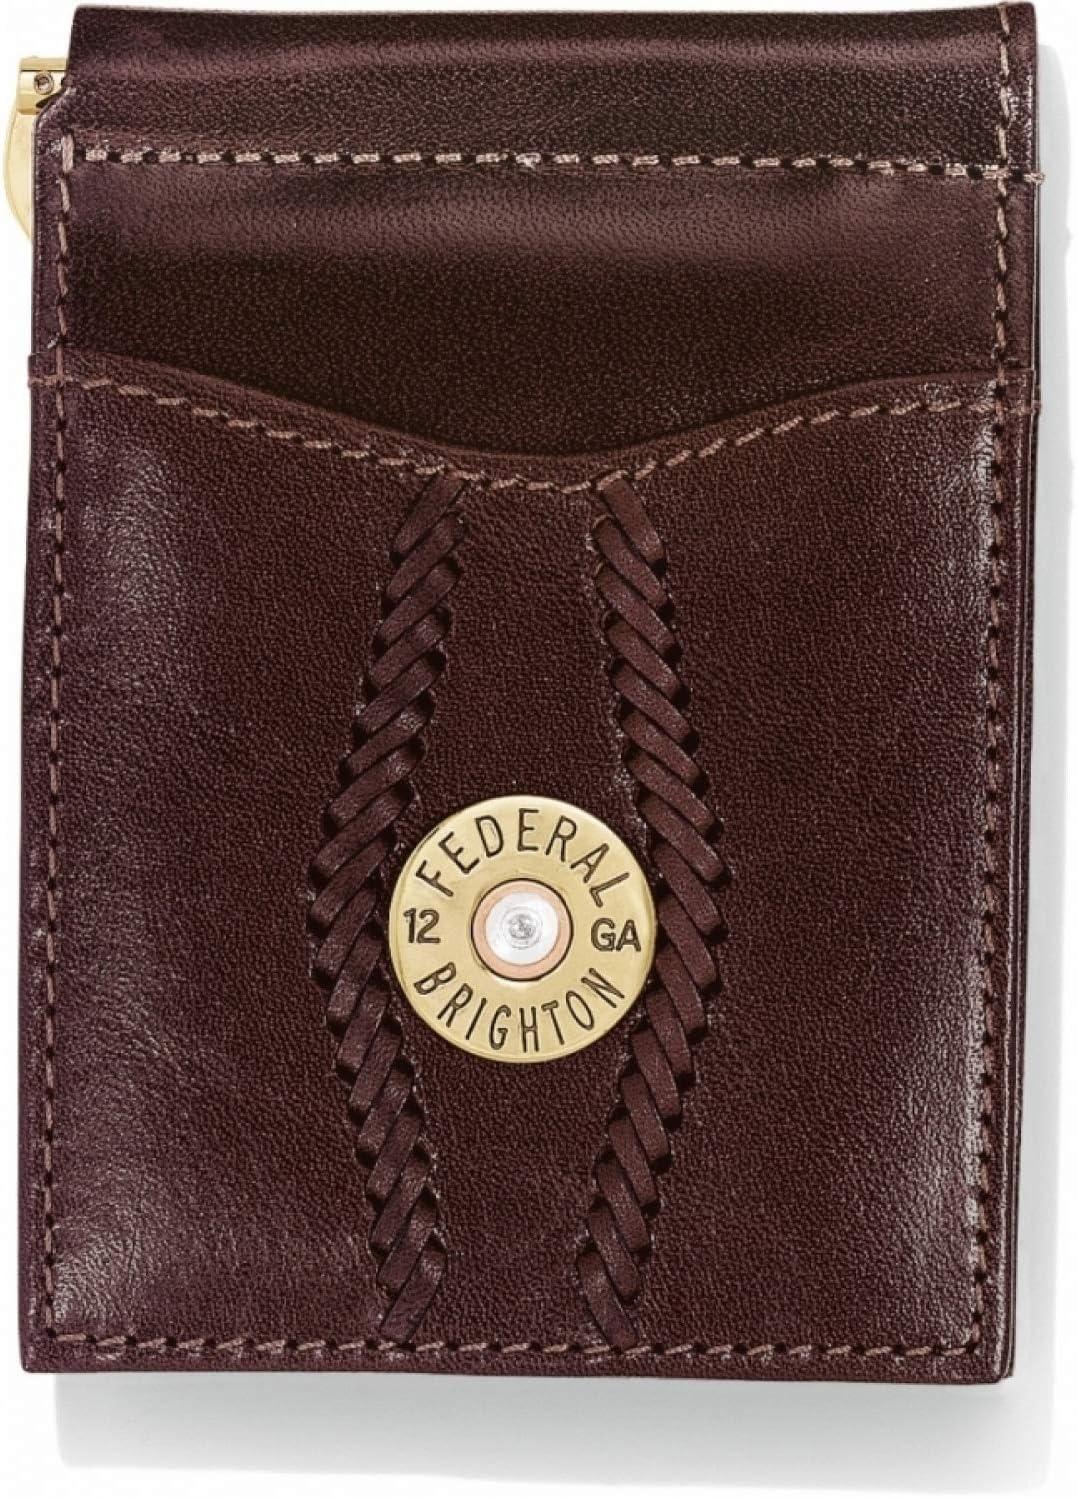 Brighton Macon County Money Clip Wallet - Mens Leather - BROWN [ 4 1/2